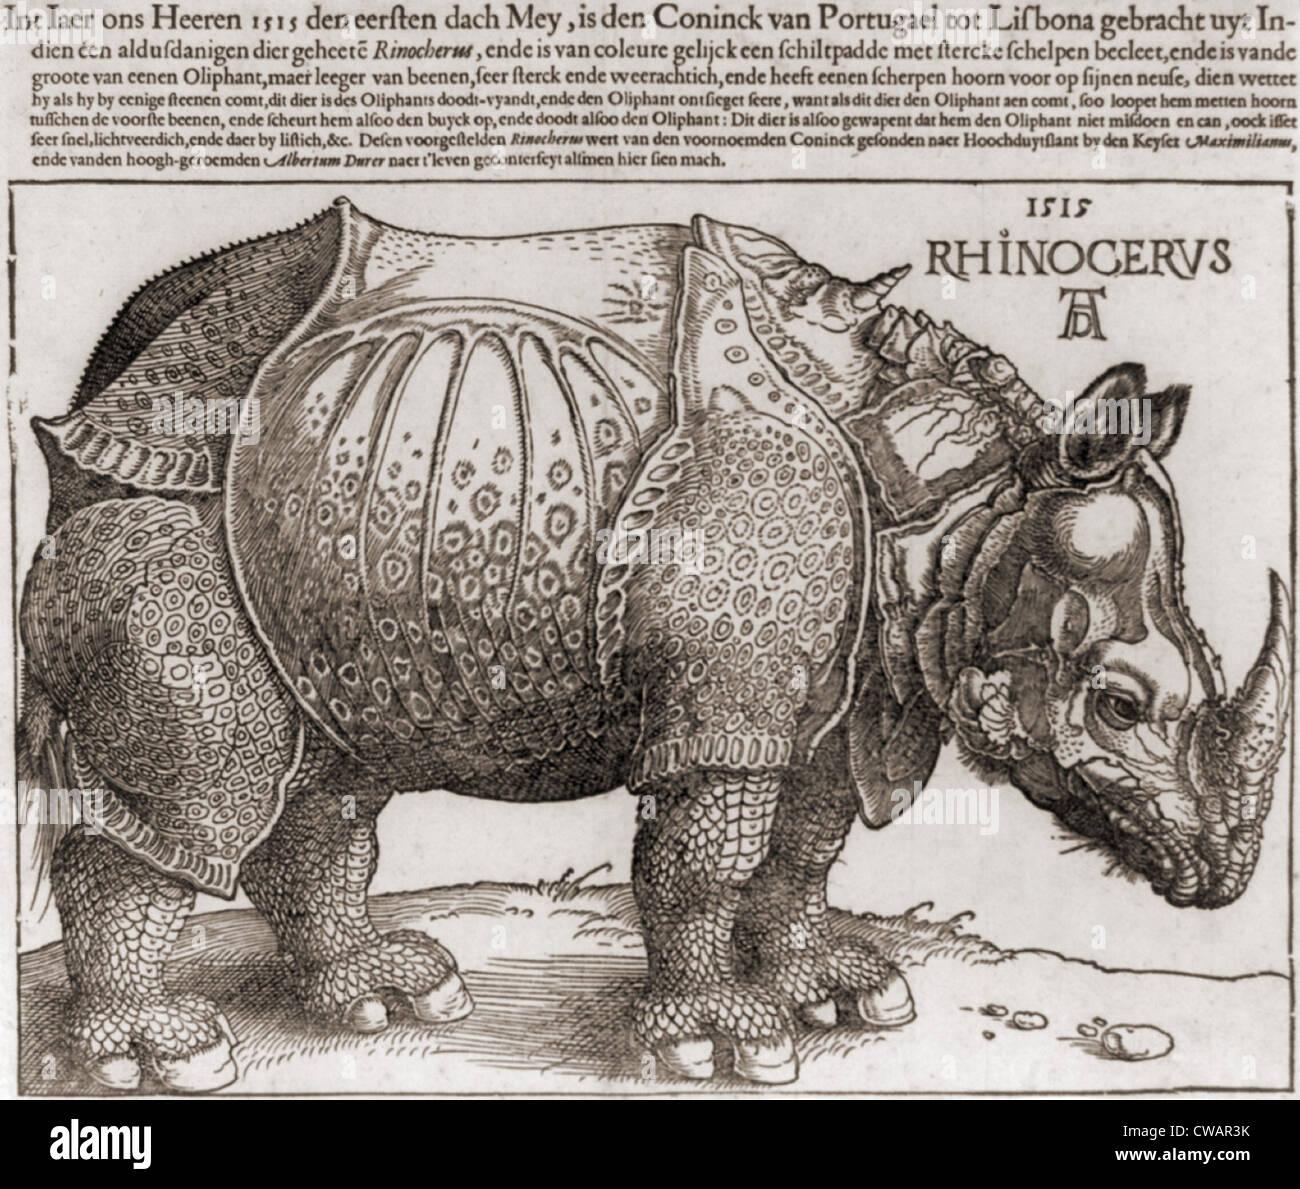 DAS Nashorn, Holzschnitt von Albrecht Dürer (1471-1528), gezeichnet von der Beschreibung von einem Panzernashorn. Stockbild